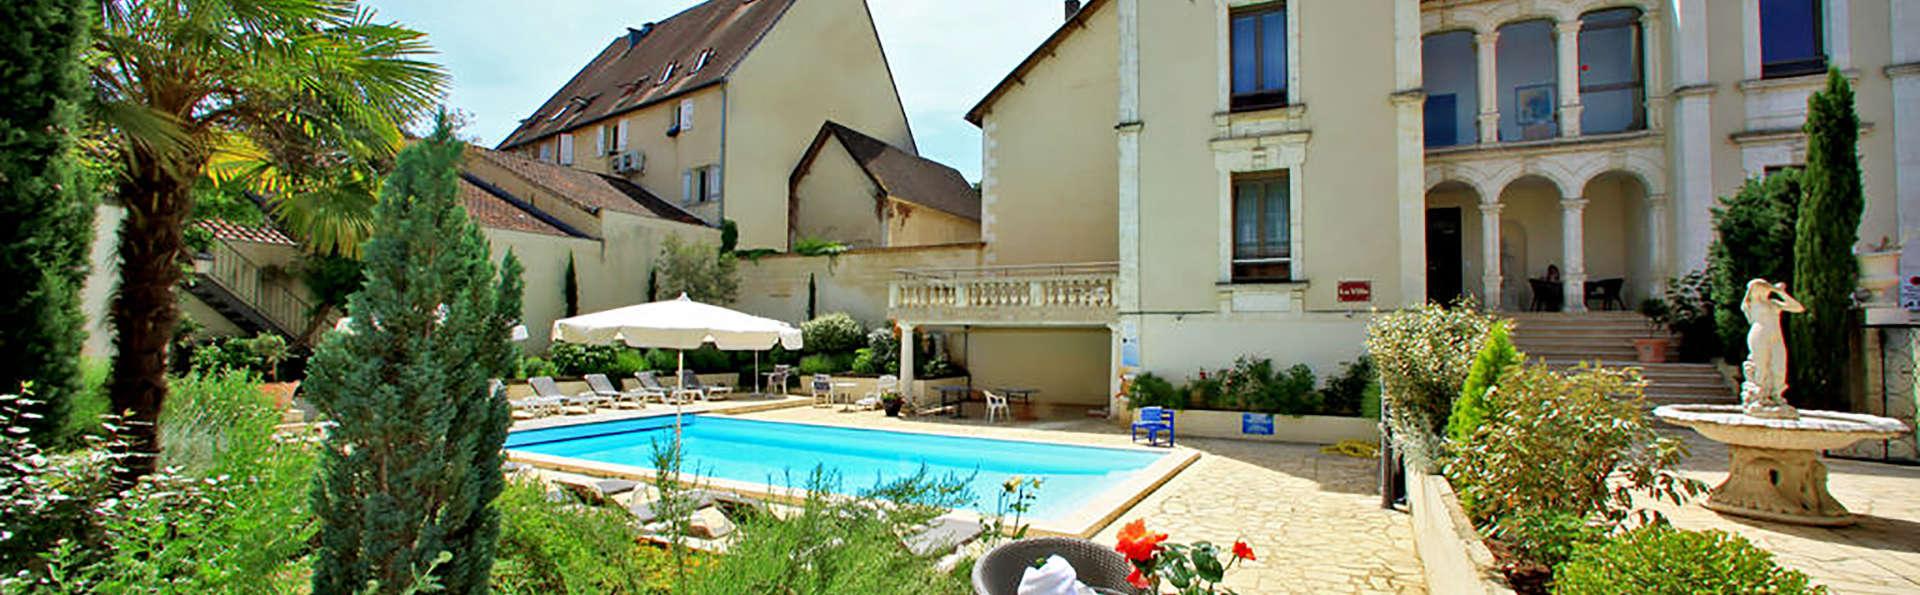 Best Western Hôtel Le Renoir - EDIT_Fachada_3.jpg